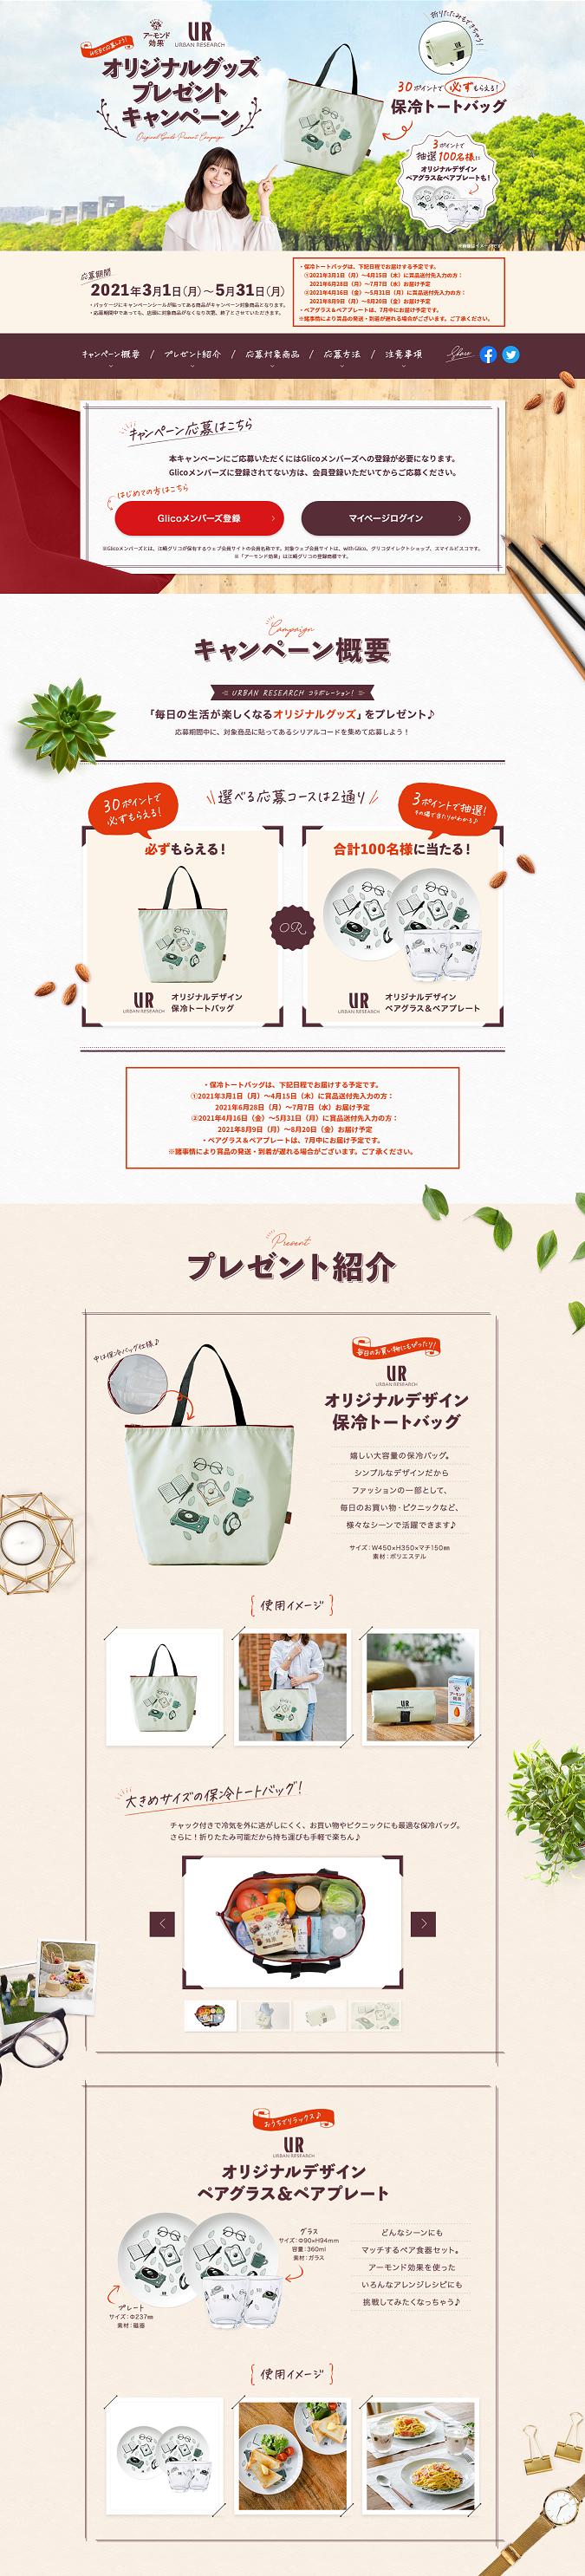 【グリコ】アーモンド効果オリジナルグッズプレゼントキャンペーン